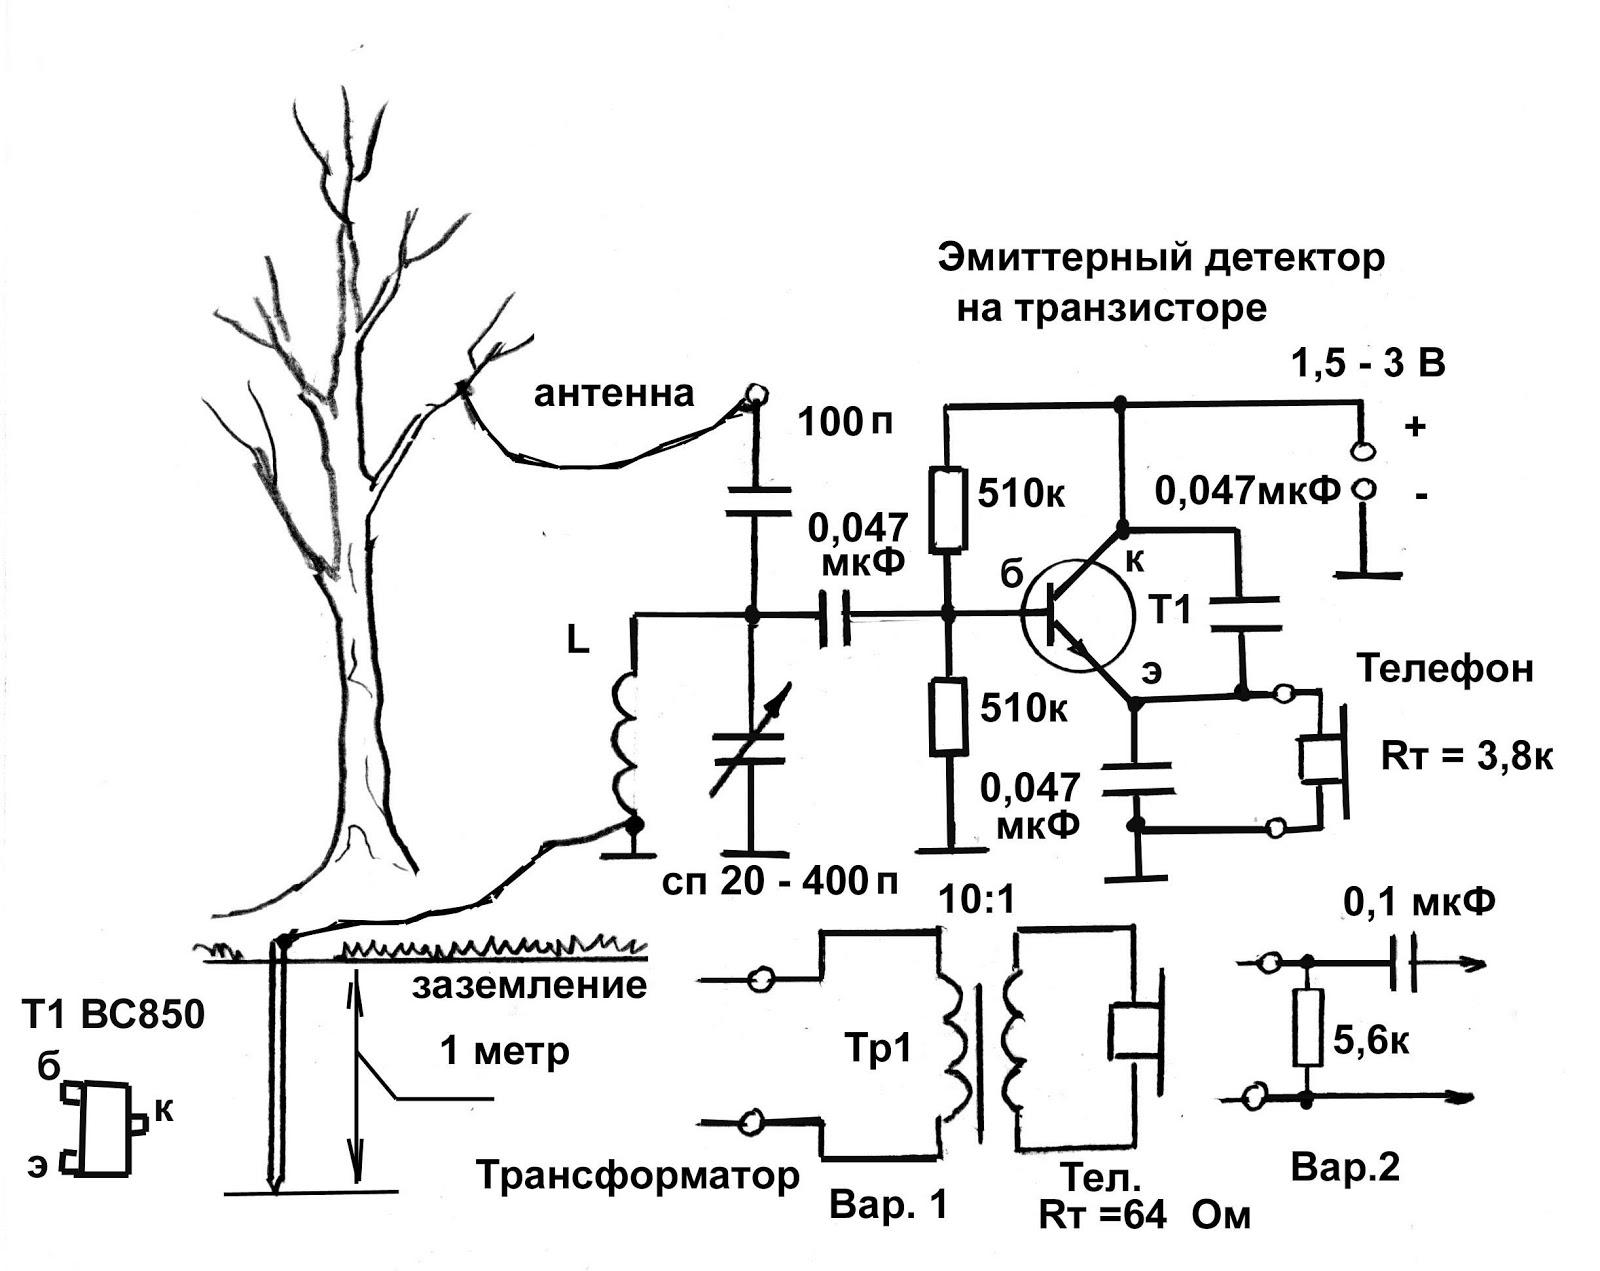 схема приемника прямого усиления на старых транзисторах